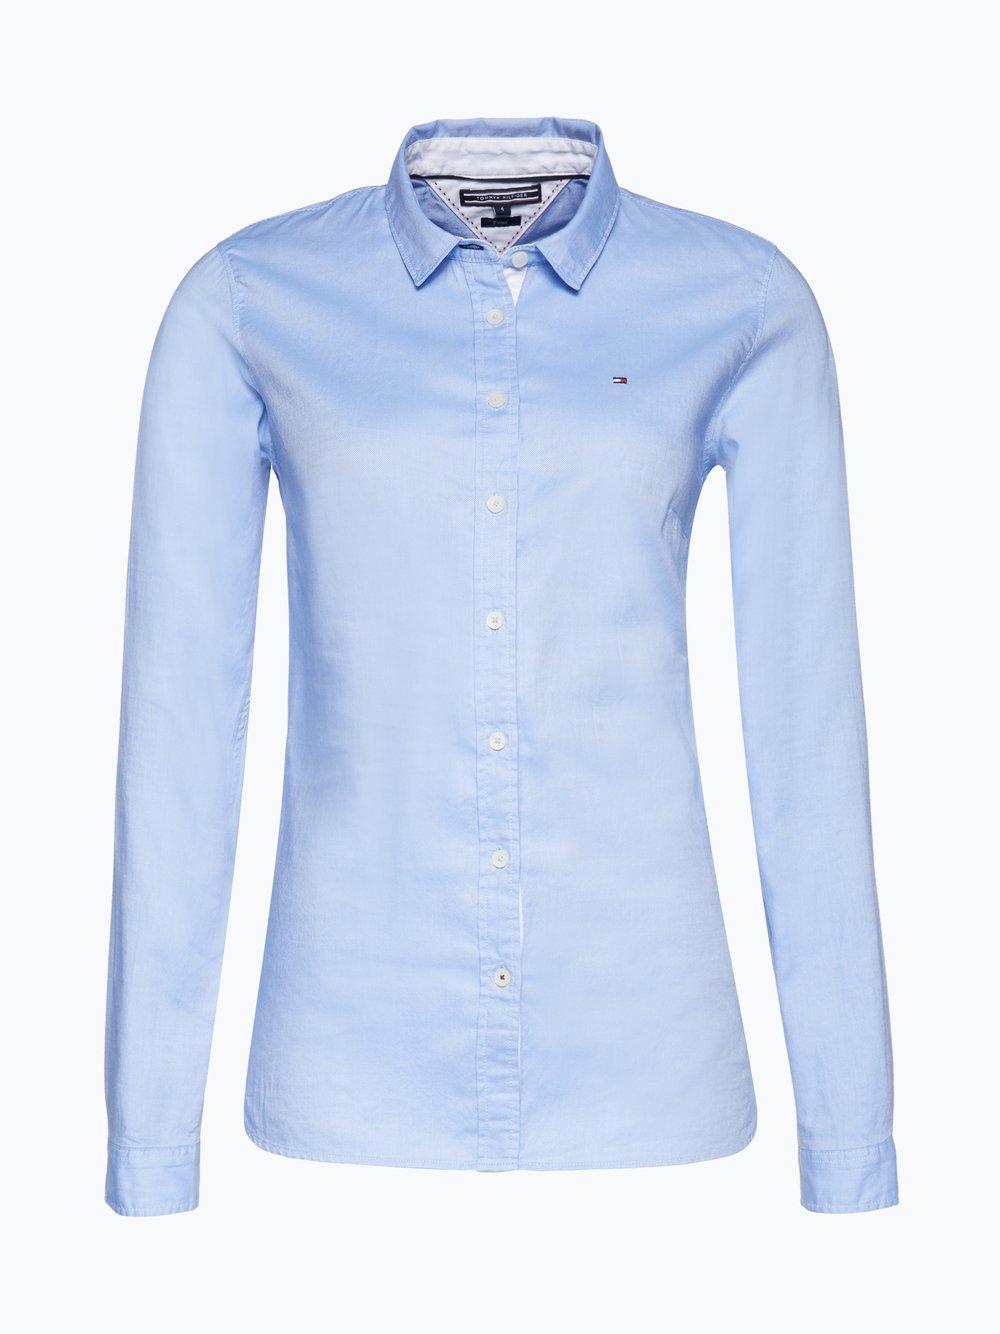 b6e554ee17c168 Tommy Hilfiger Damen Bluse - Jenna online kaufen | PEEK-UND ...